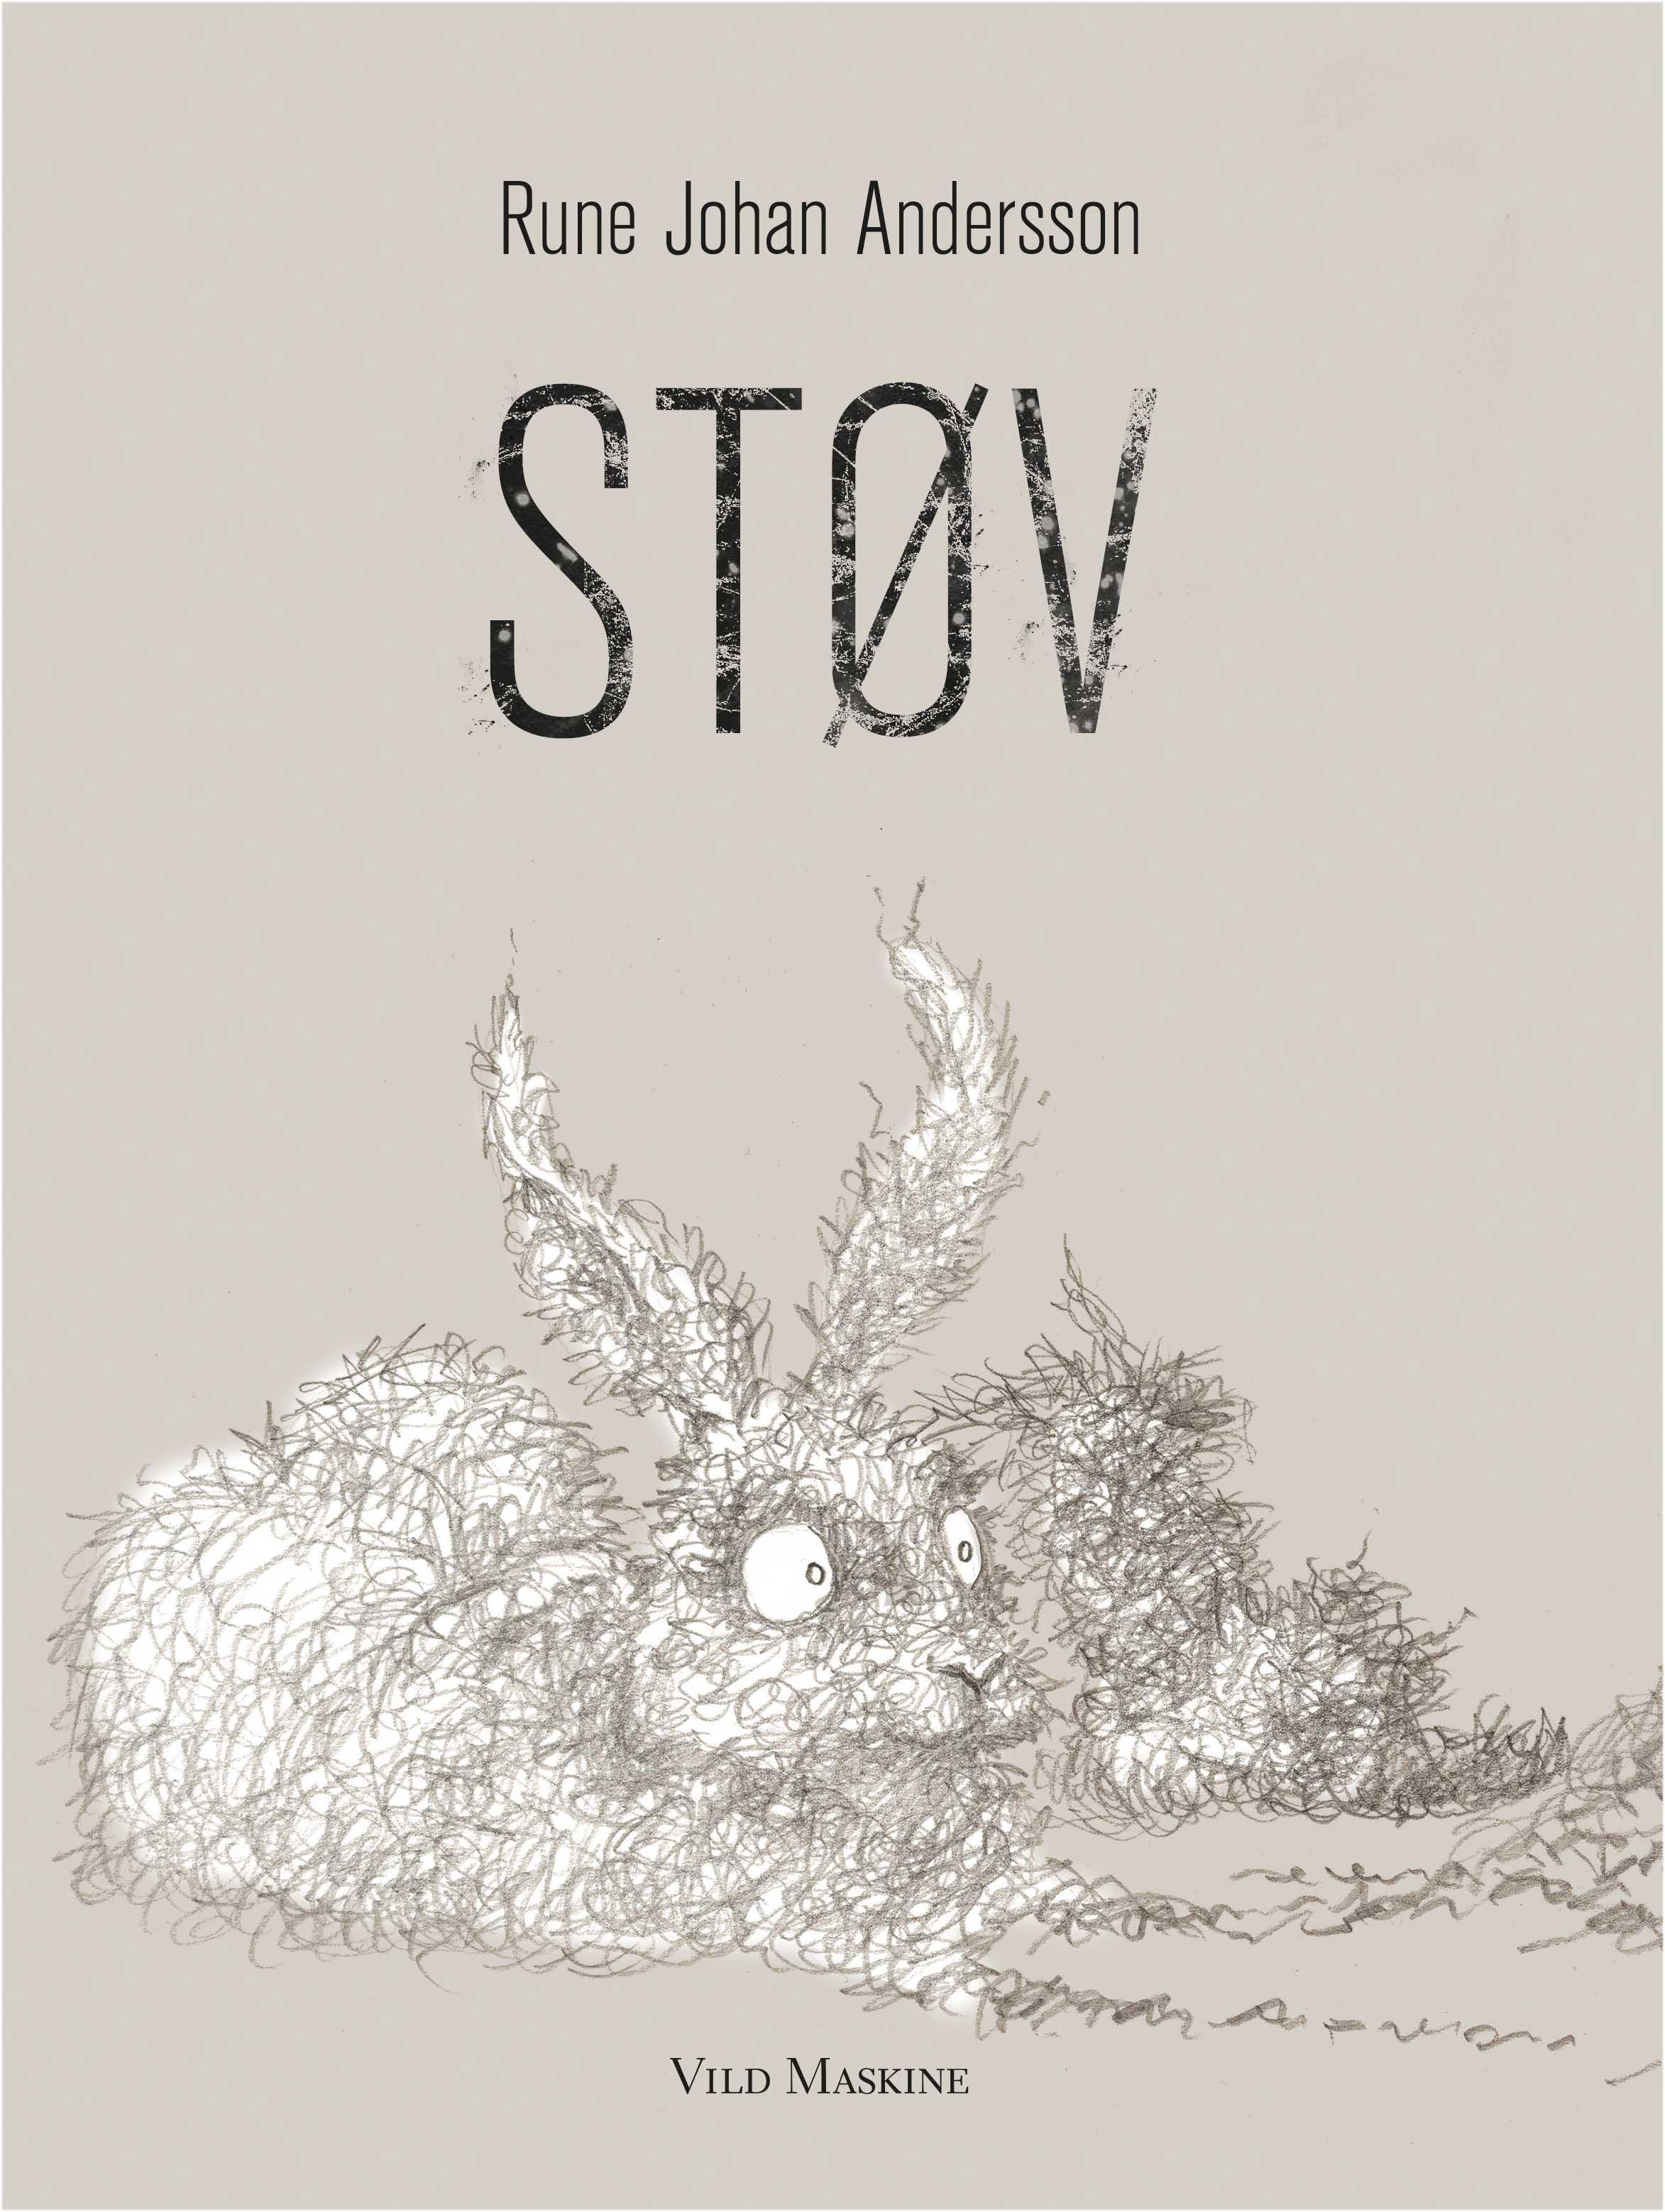 Forside til billedbogen 'Støv' af Rune Johan Andersson. Udkom 19. april 2017.